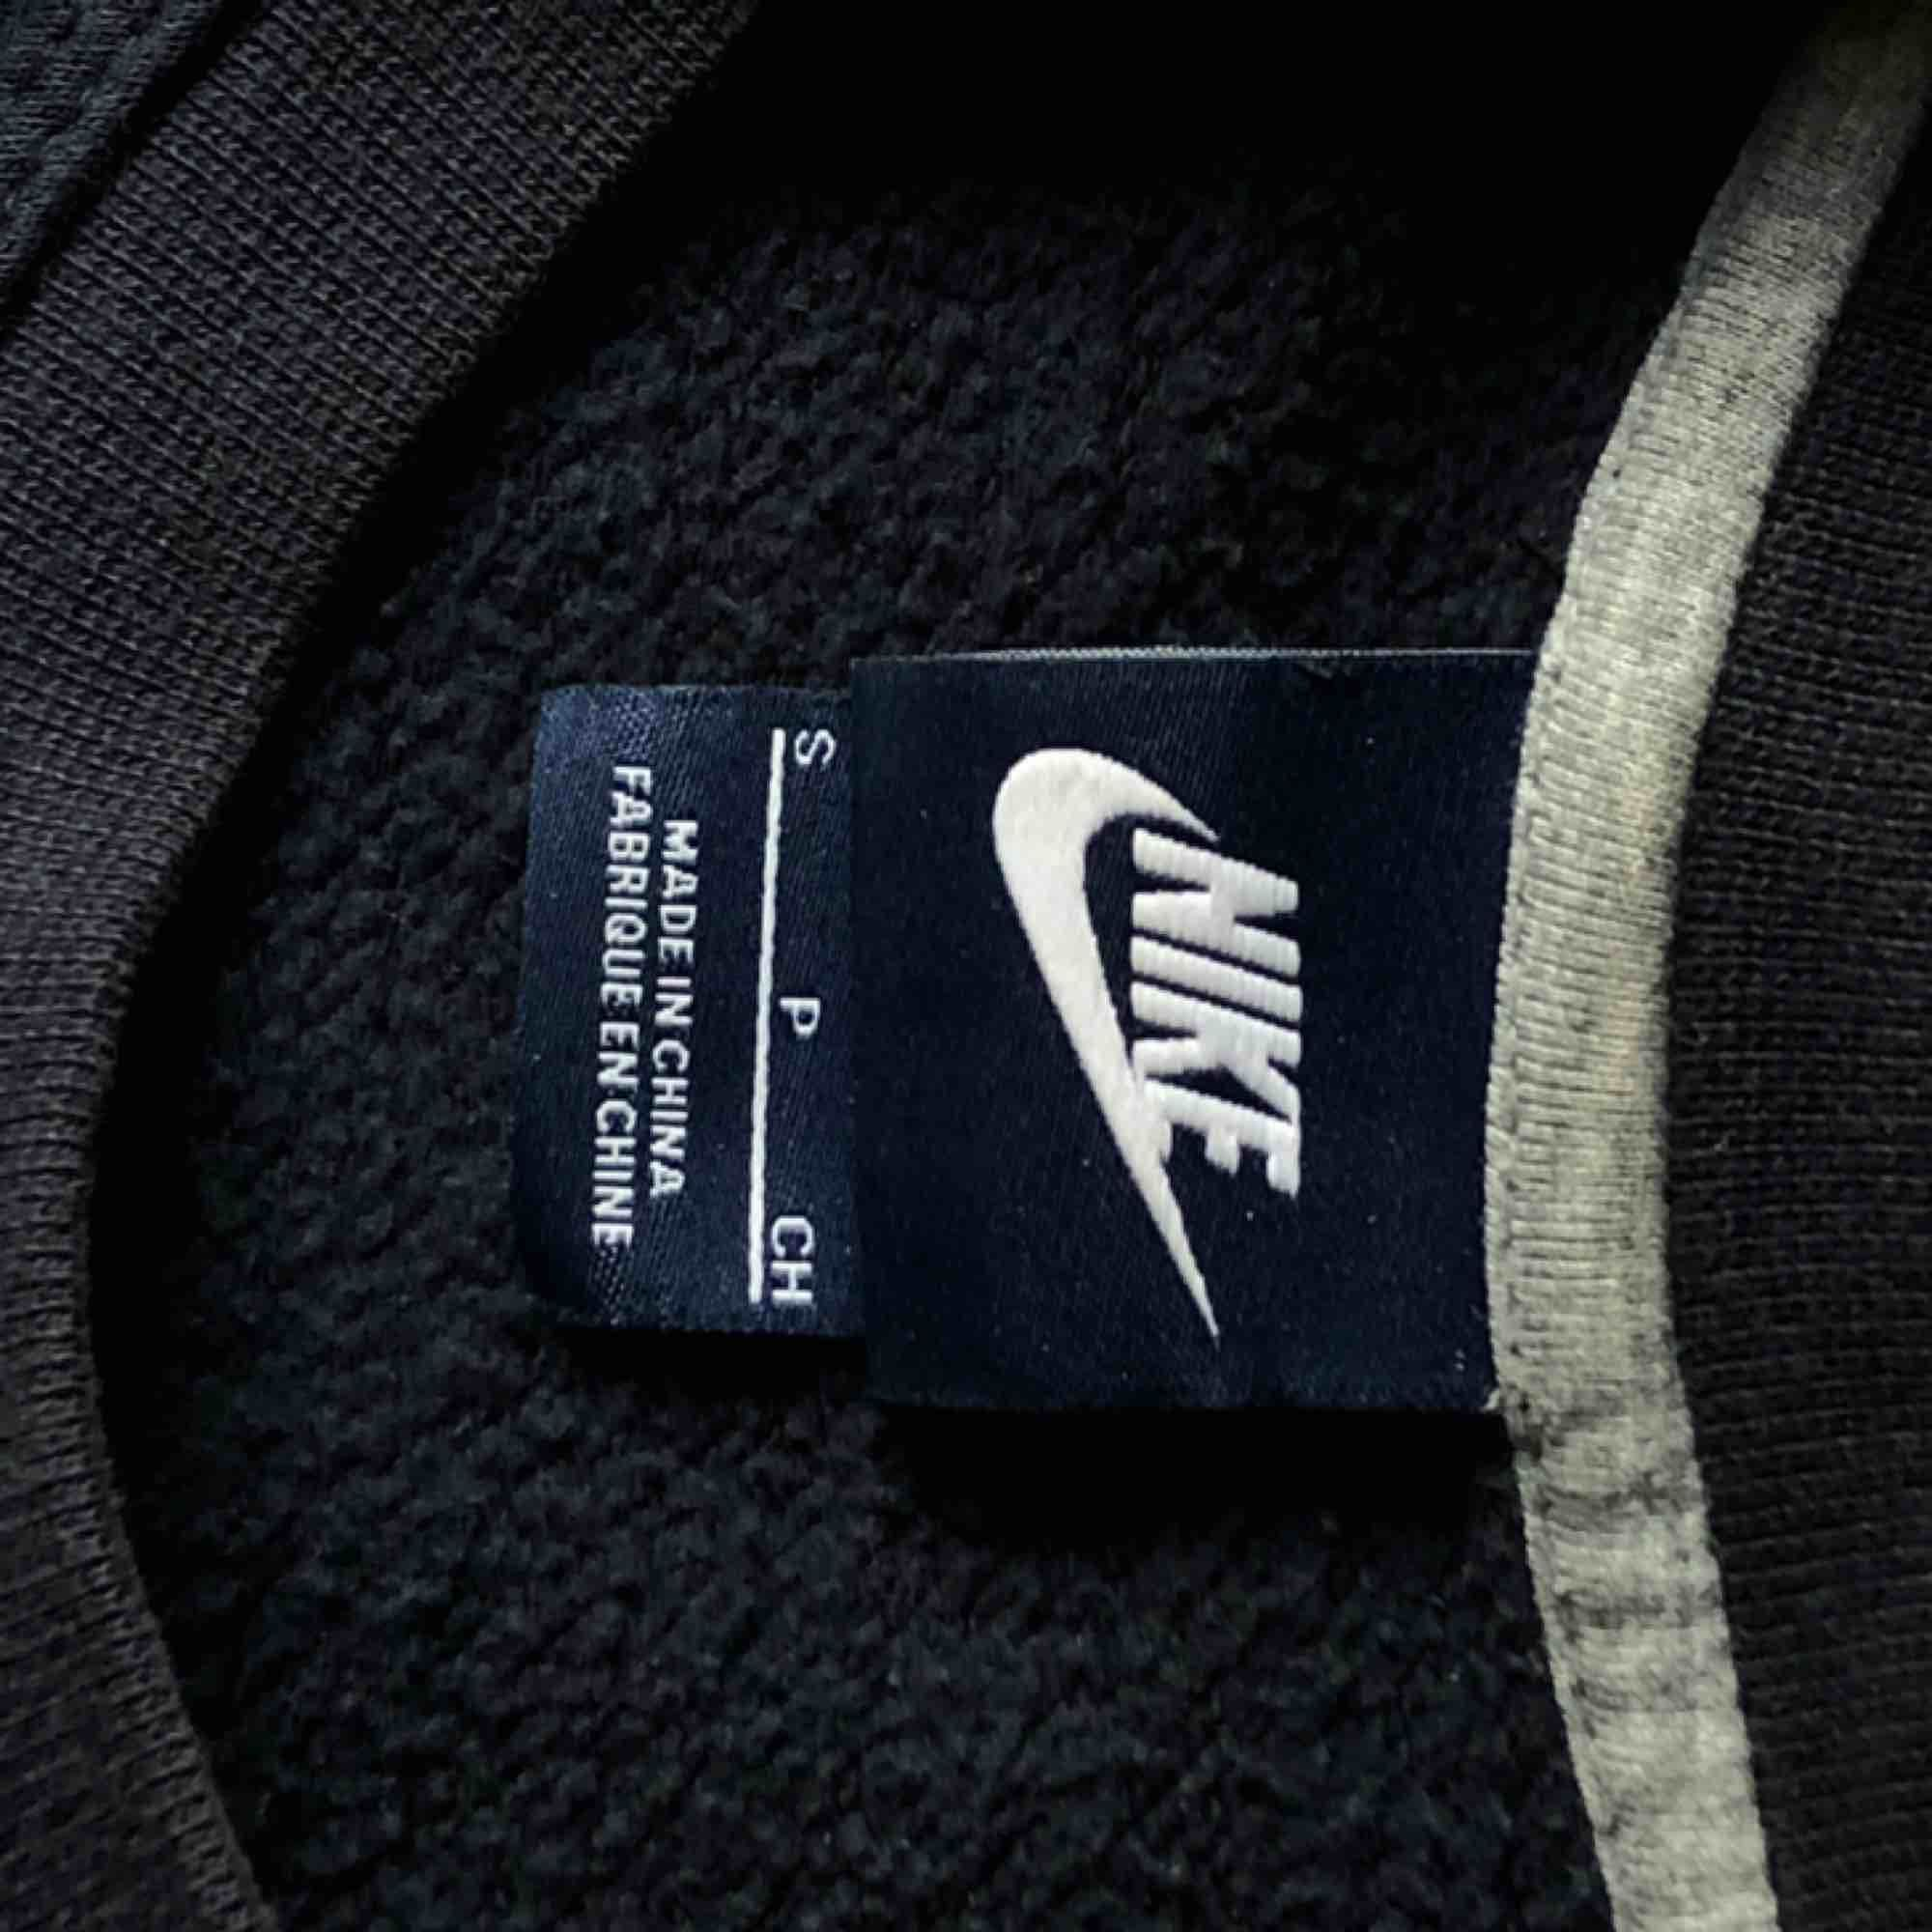 Nike sweater i strl S. Använd ett fåtal gånger. Möts upp i skanstull / mottagaren står för frakt . Tröjor & Koftor.